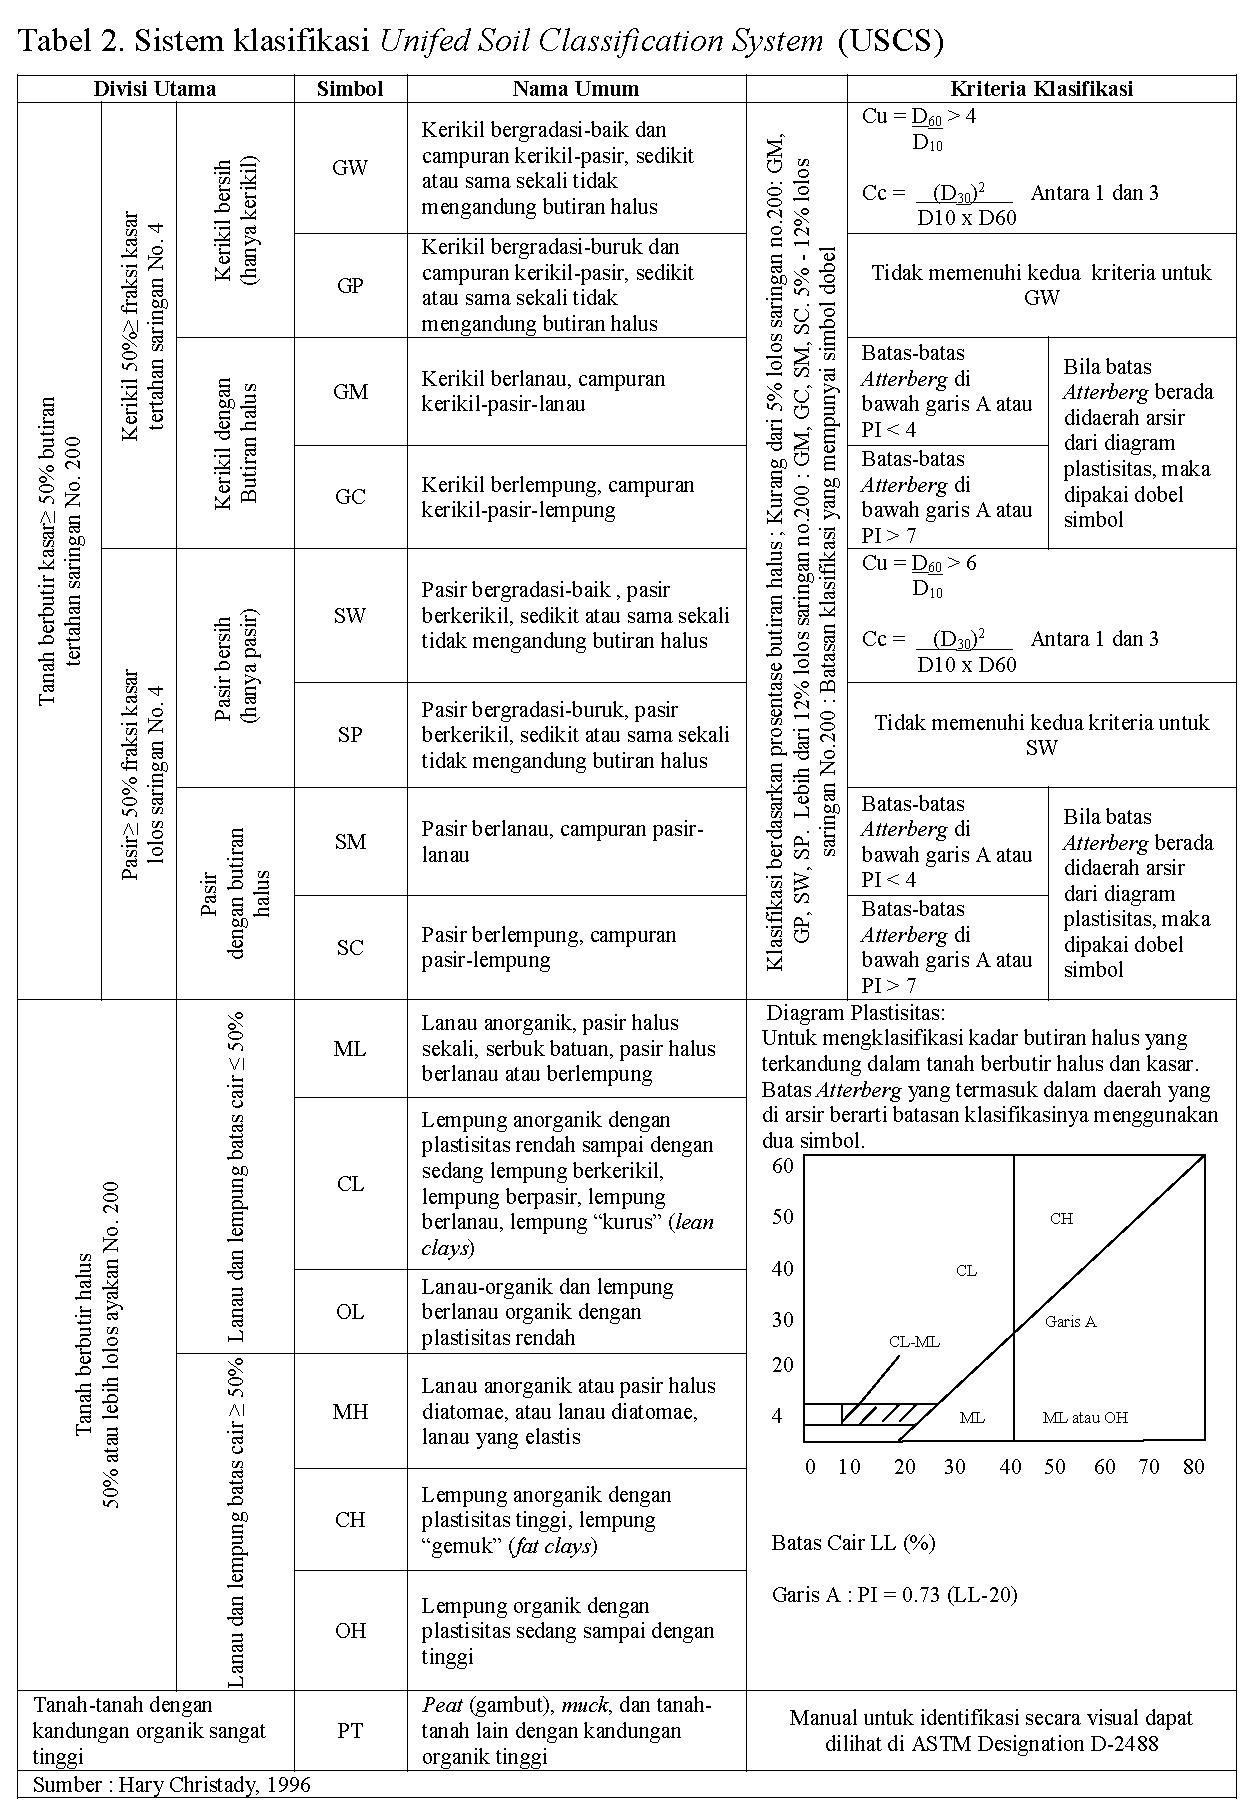 Sistem Klasifikasi Tanah USCS